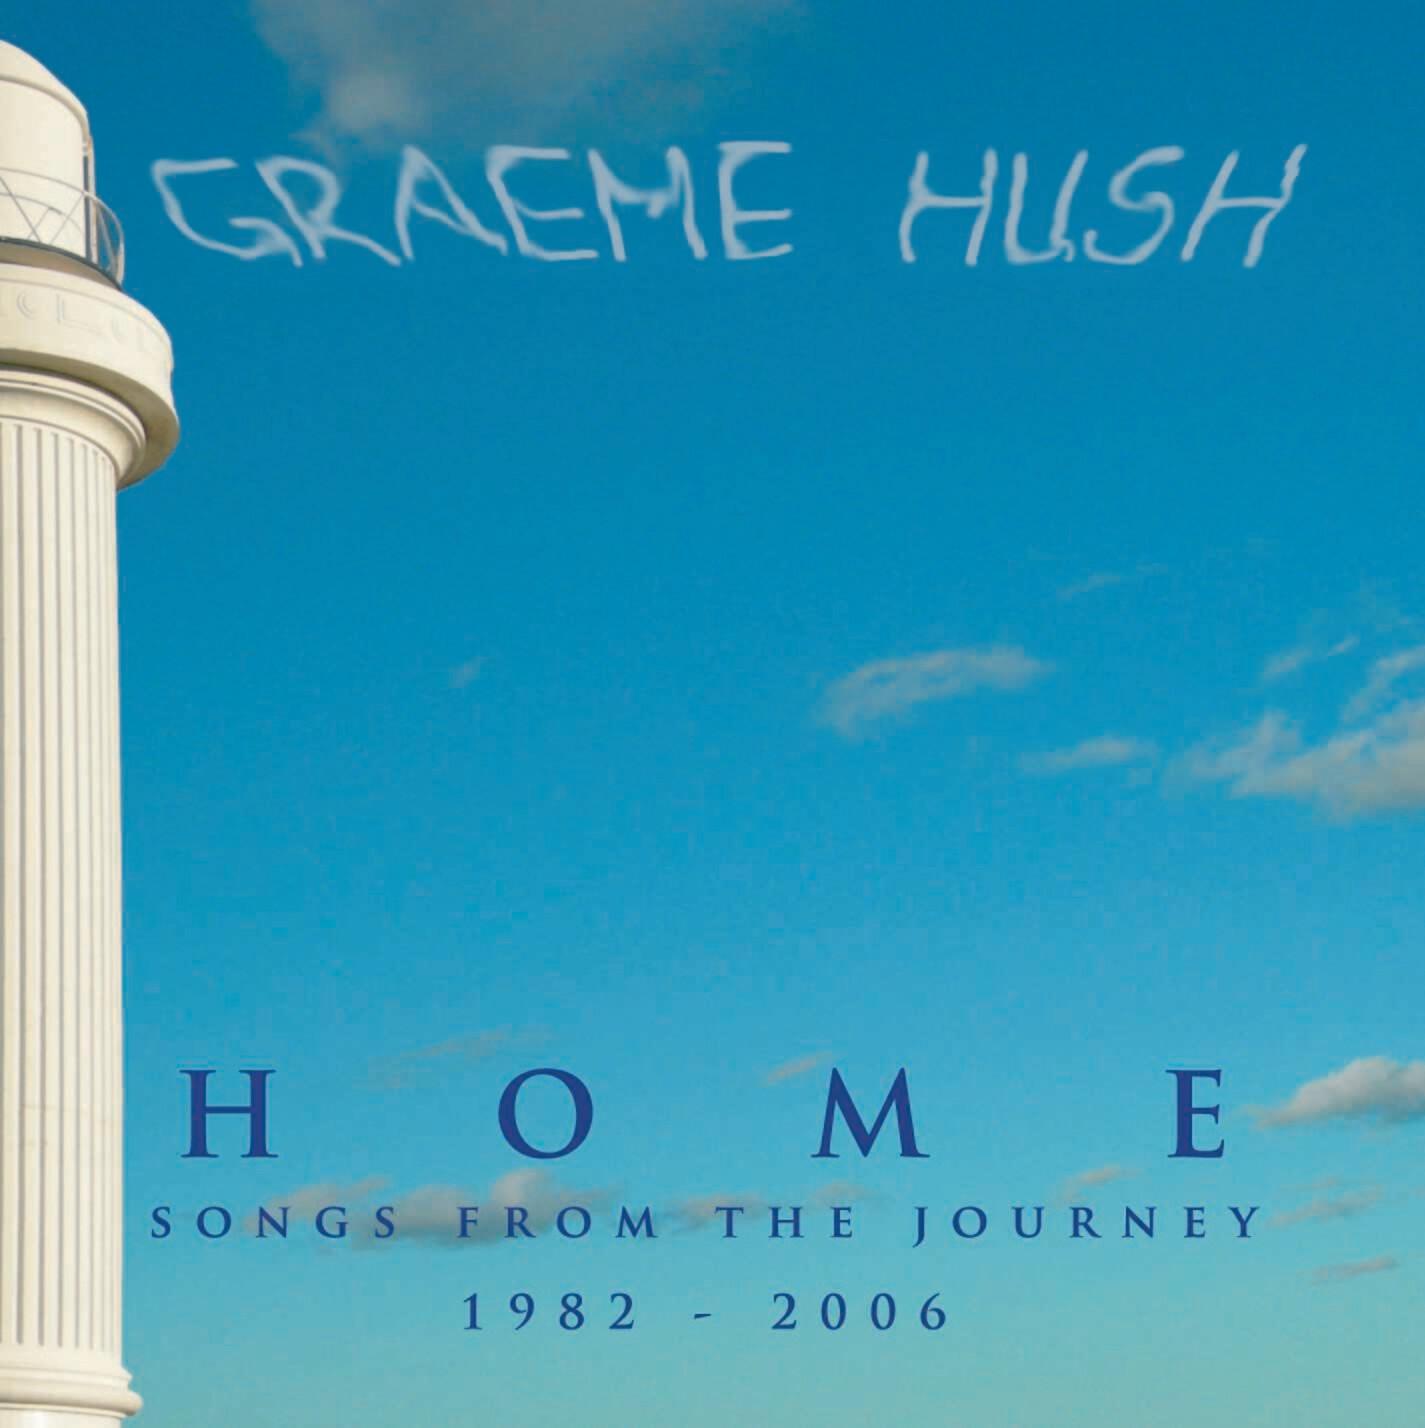 HOME Anthology 2007 - Disc 1 (Digital Download)